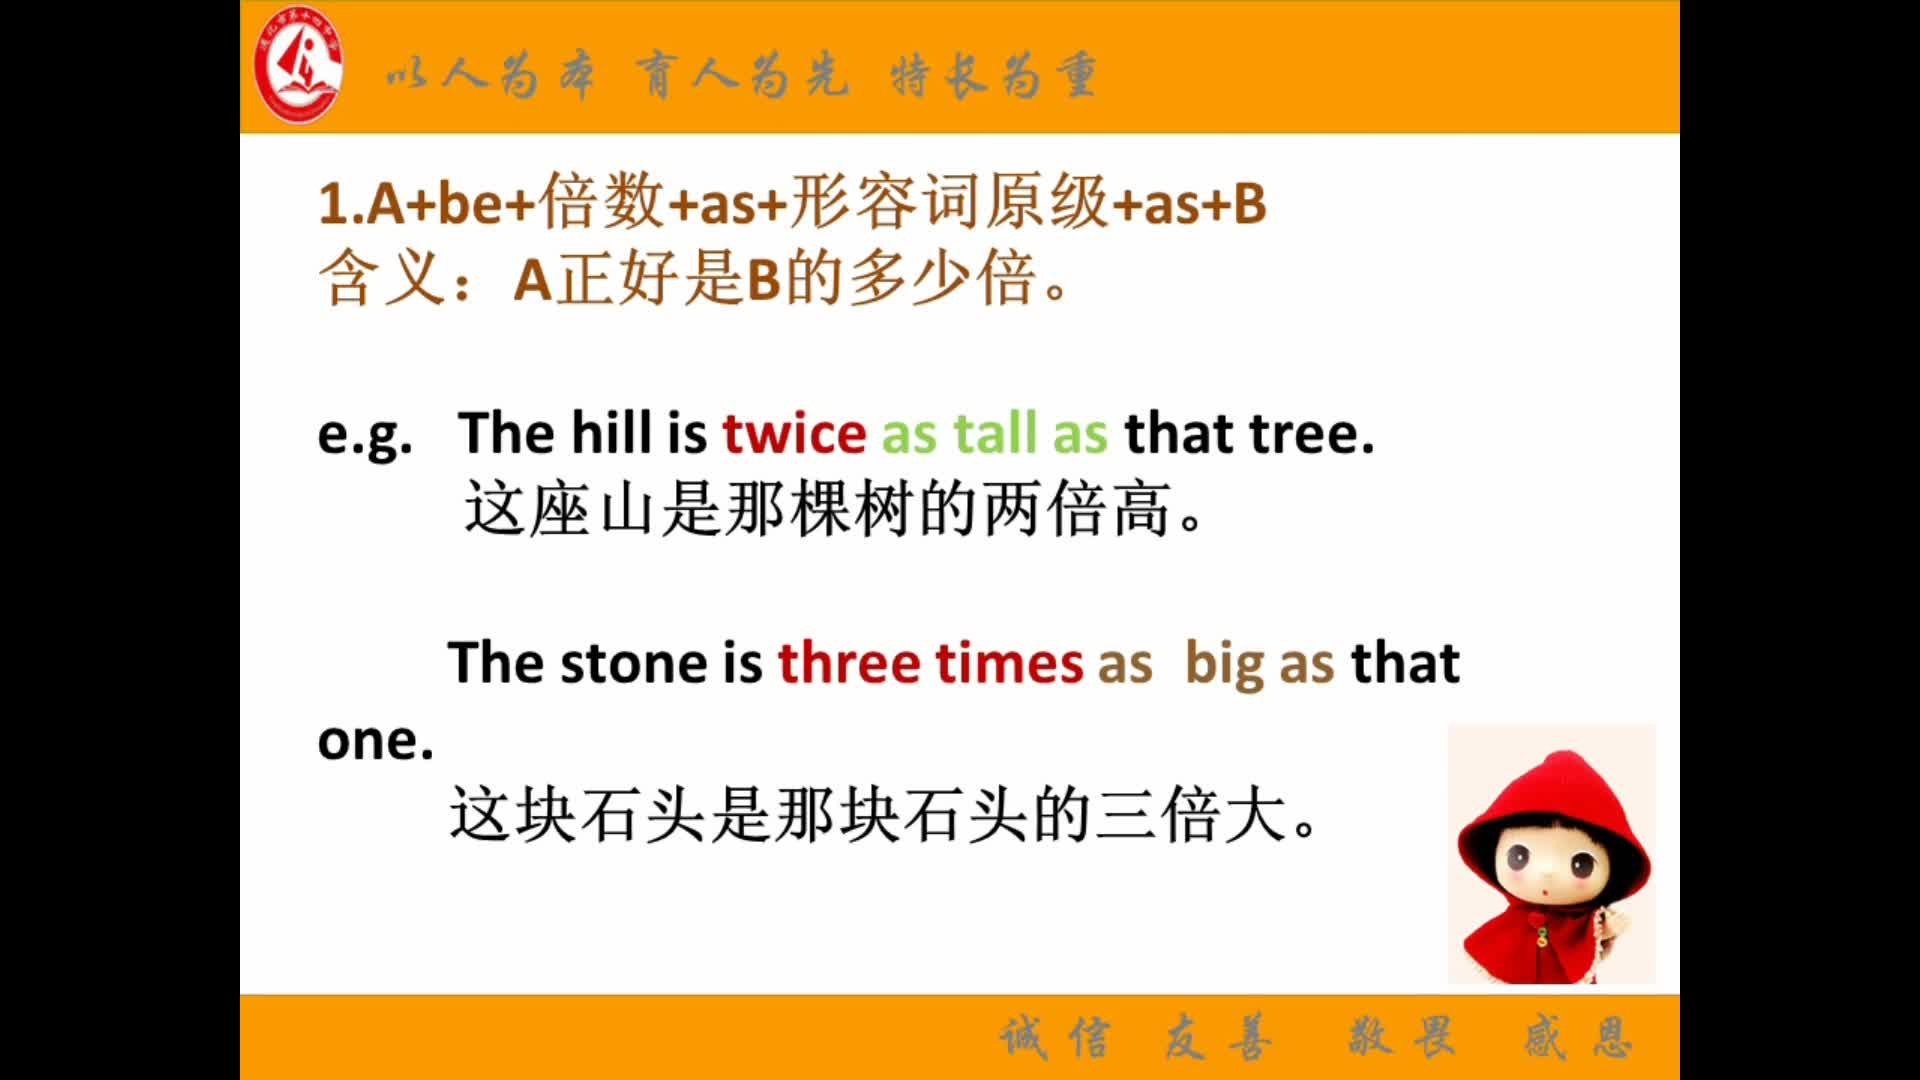 高考英语复习:倍数表达法-视频微课堂